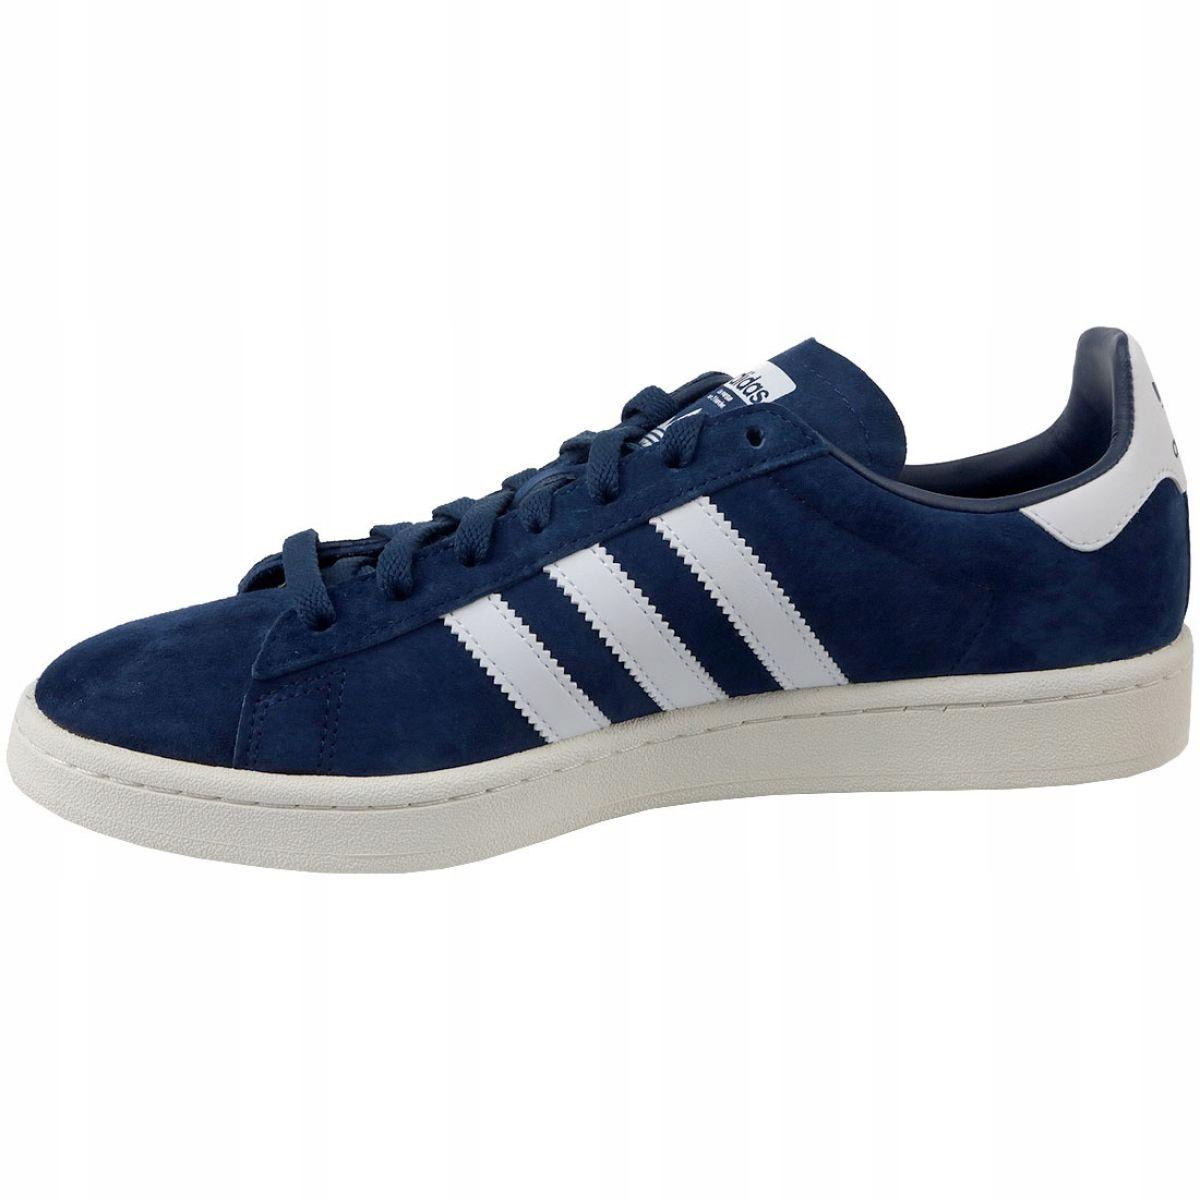 Adelante Sui Fuera  adidas campus shoes navy blue